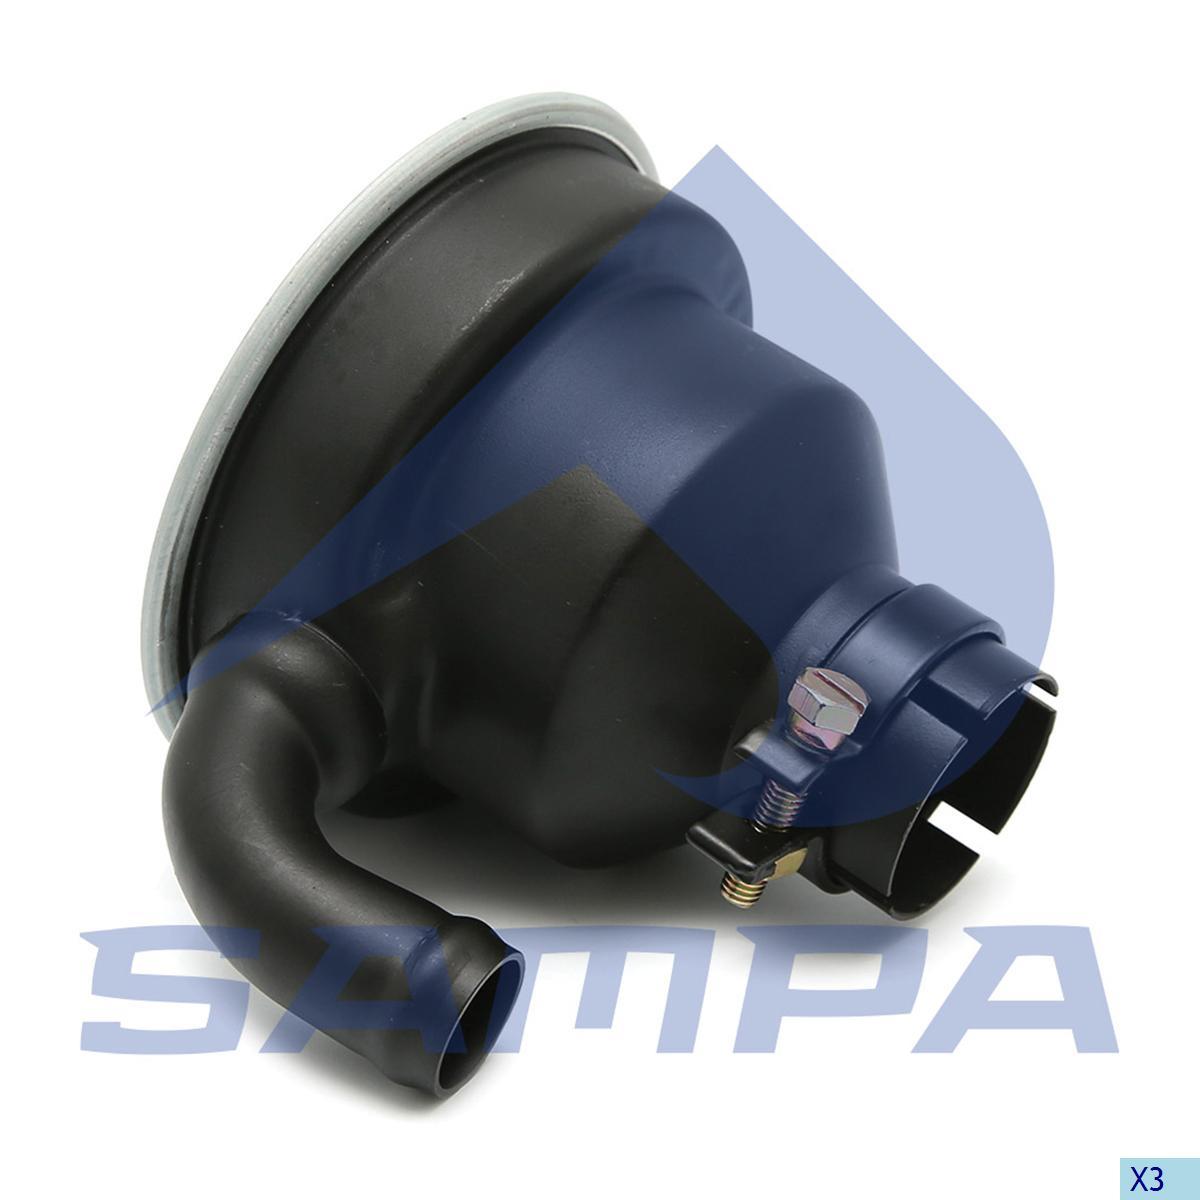 Filter, Cylinder Block Cover, Man, Engine